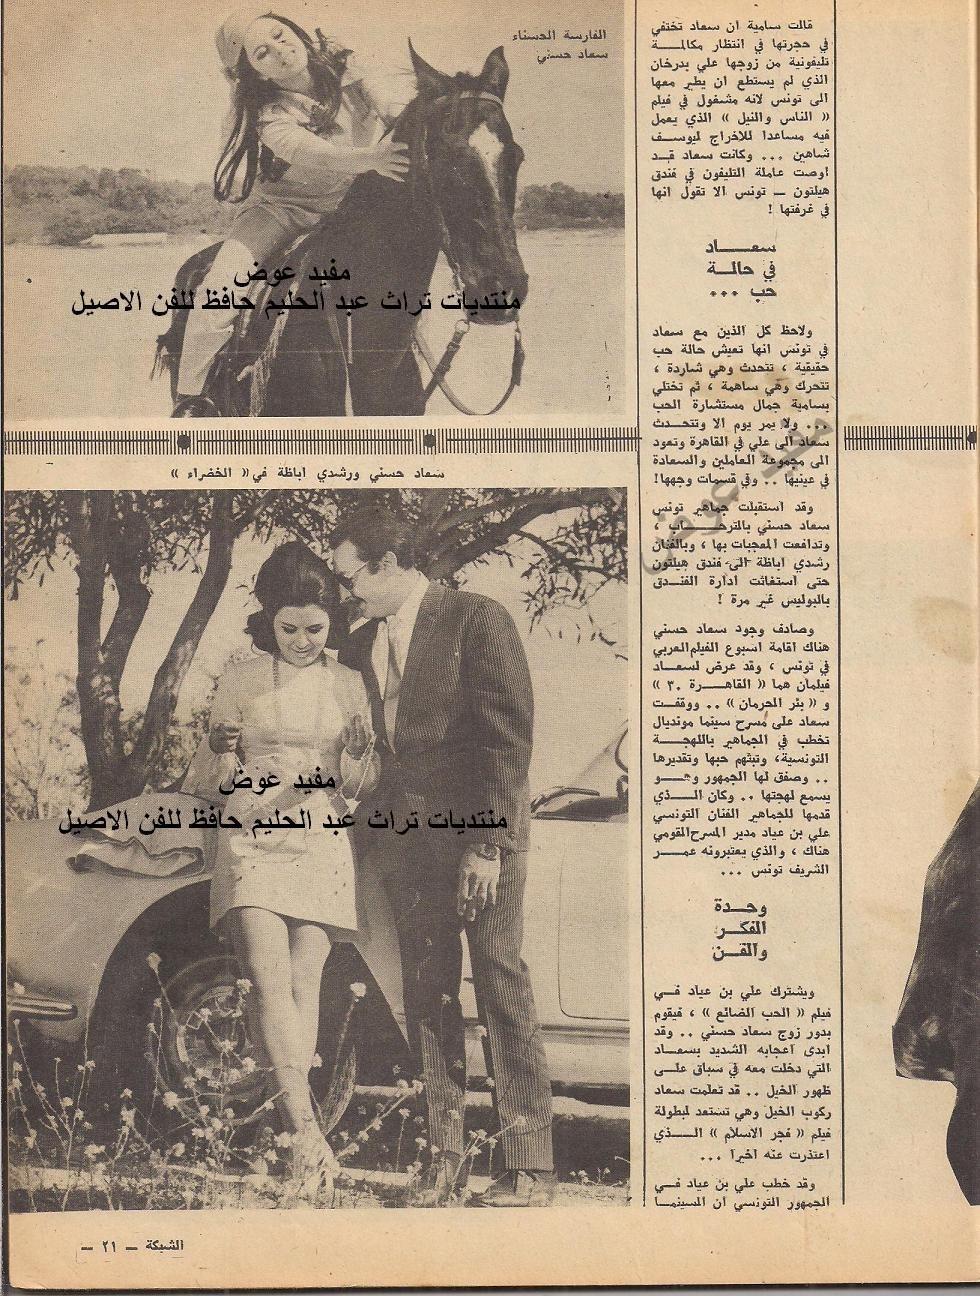 مقال صحفي : سعاد حسني في تونس والقلب في القاهرة 1970 م 2135